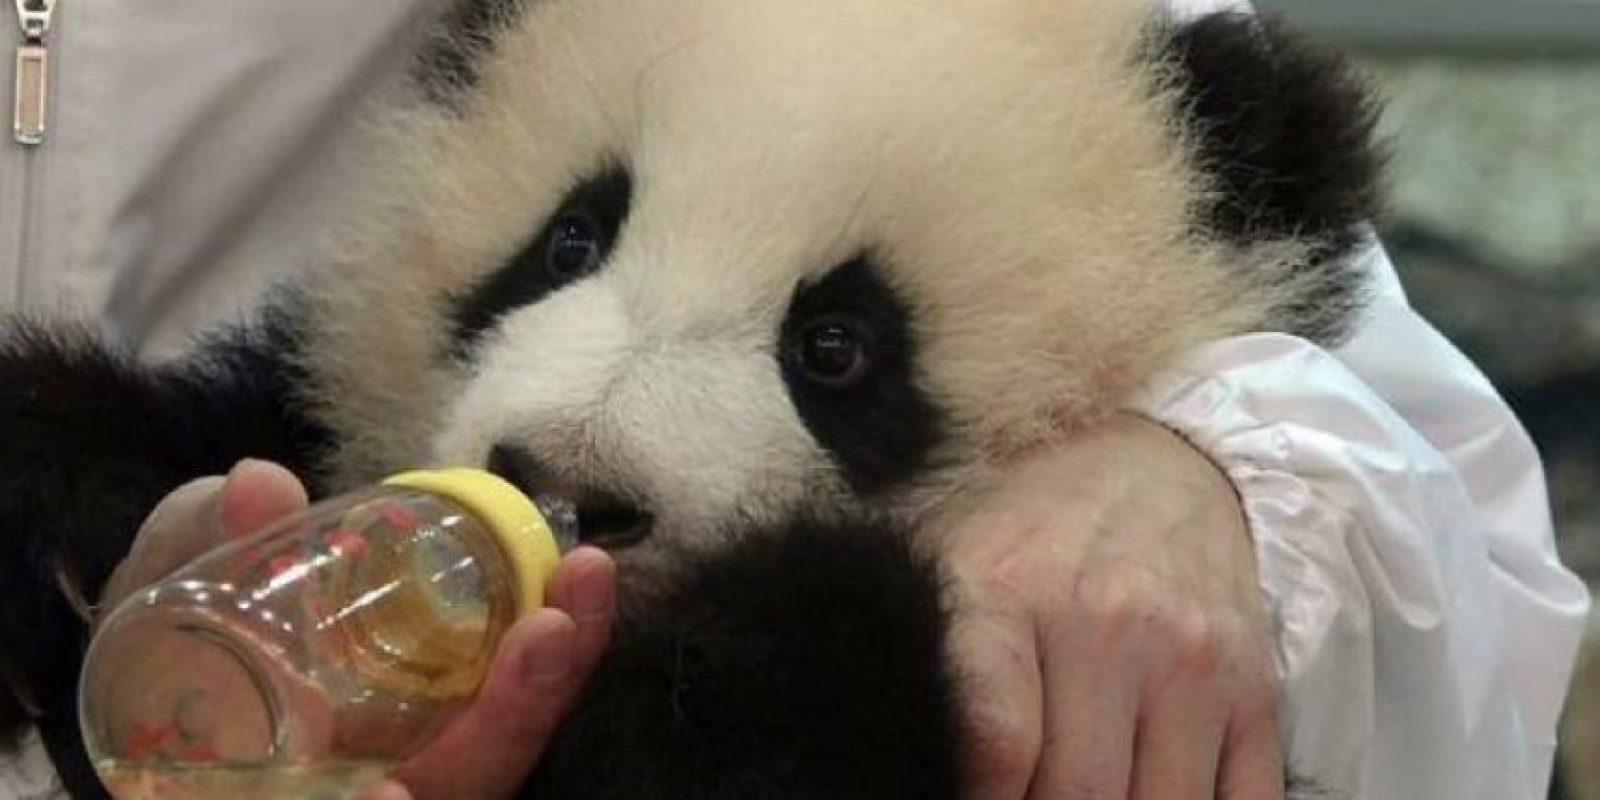 Les dan de comer –literalmente– en el hocico. Foto:Vía Facebook/iPanda